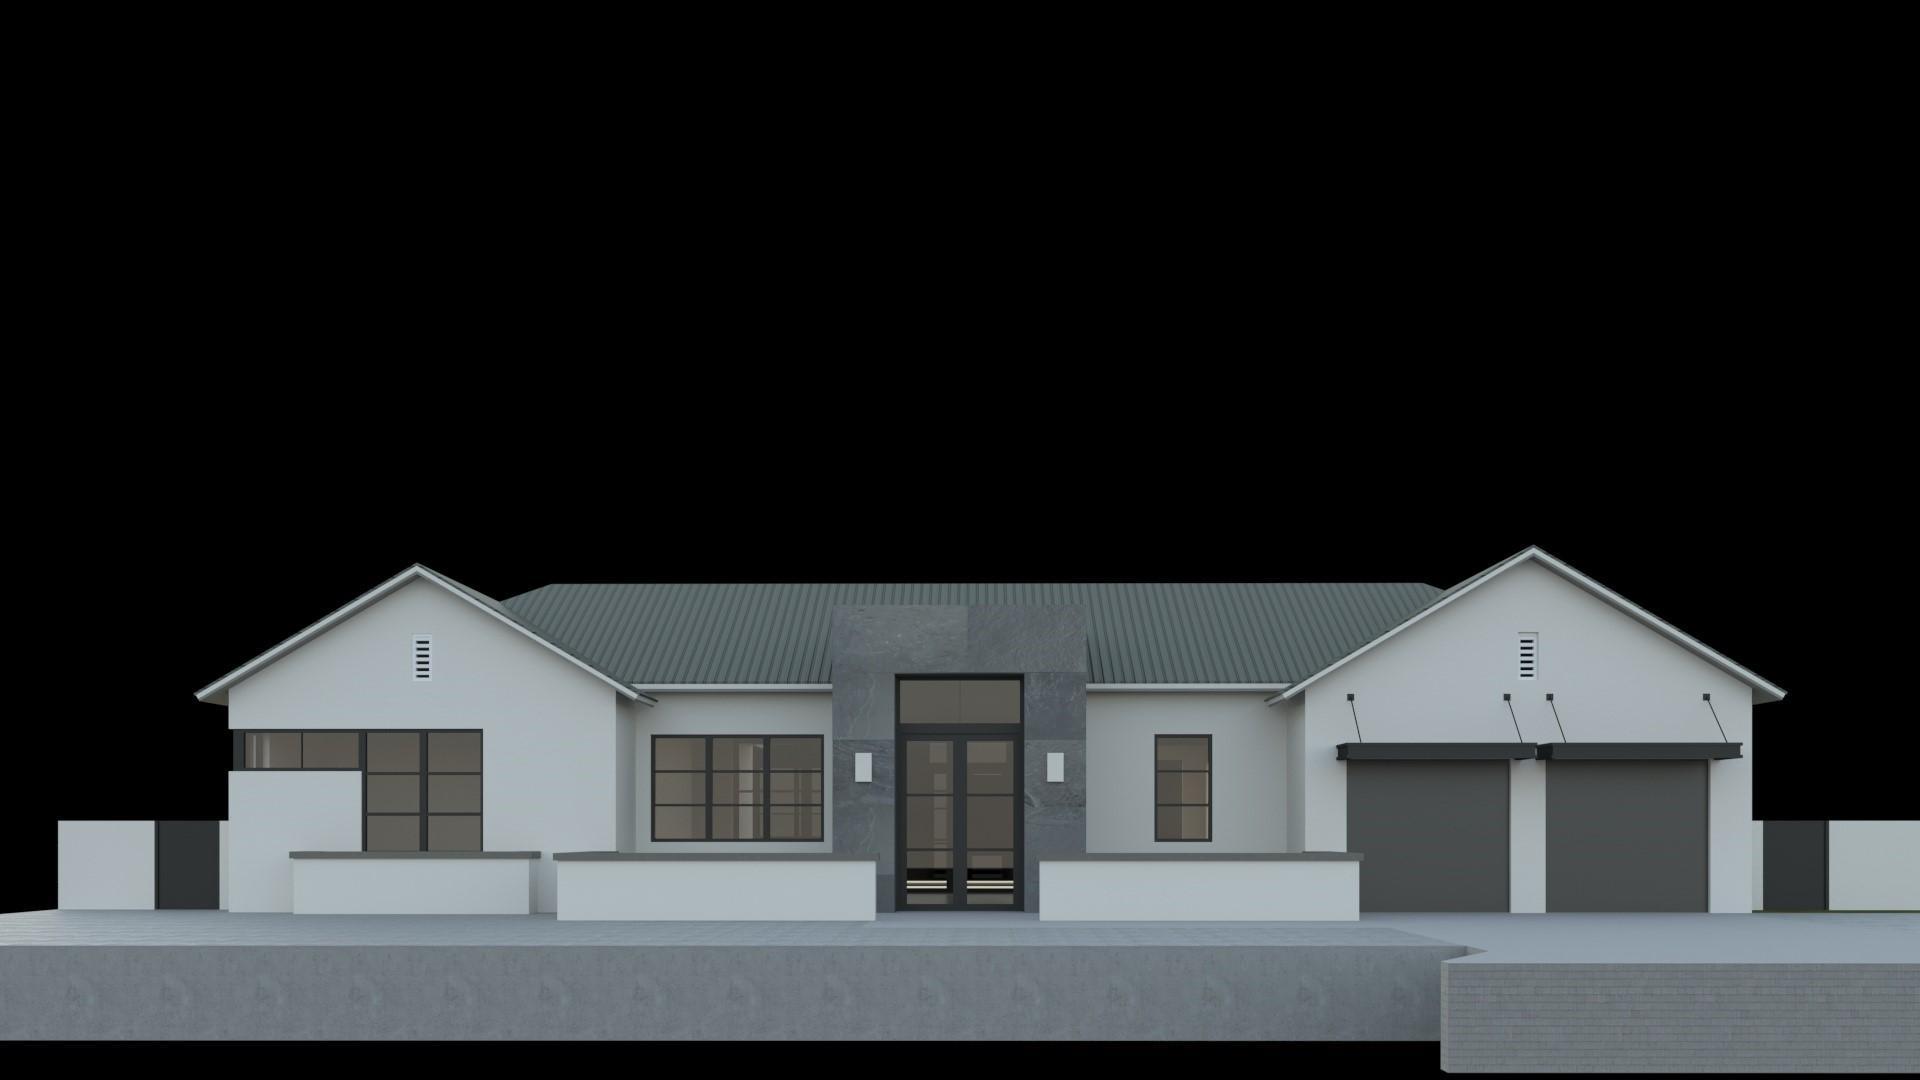 2599 N Swinton Avenue Lot 2  Delray Beach, FL 33444